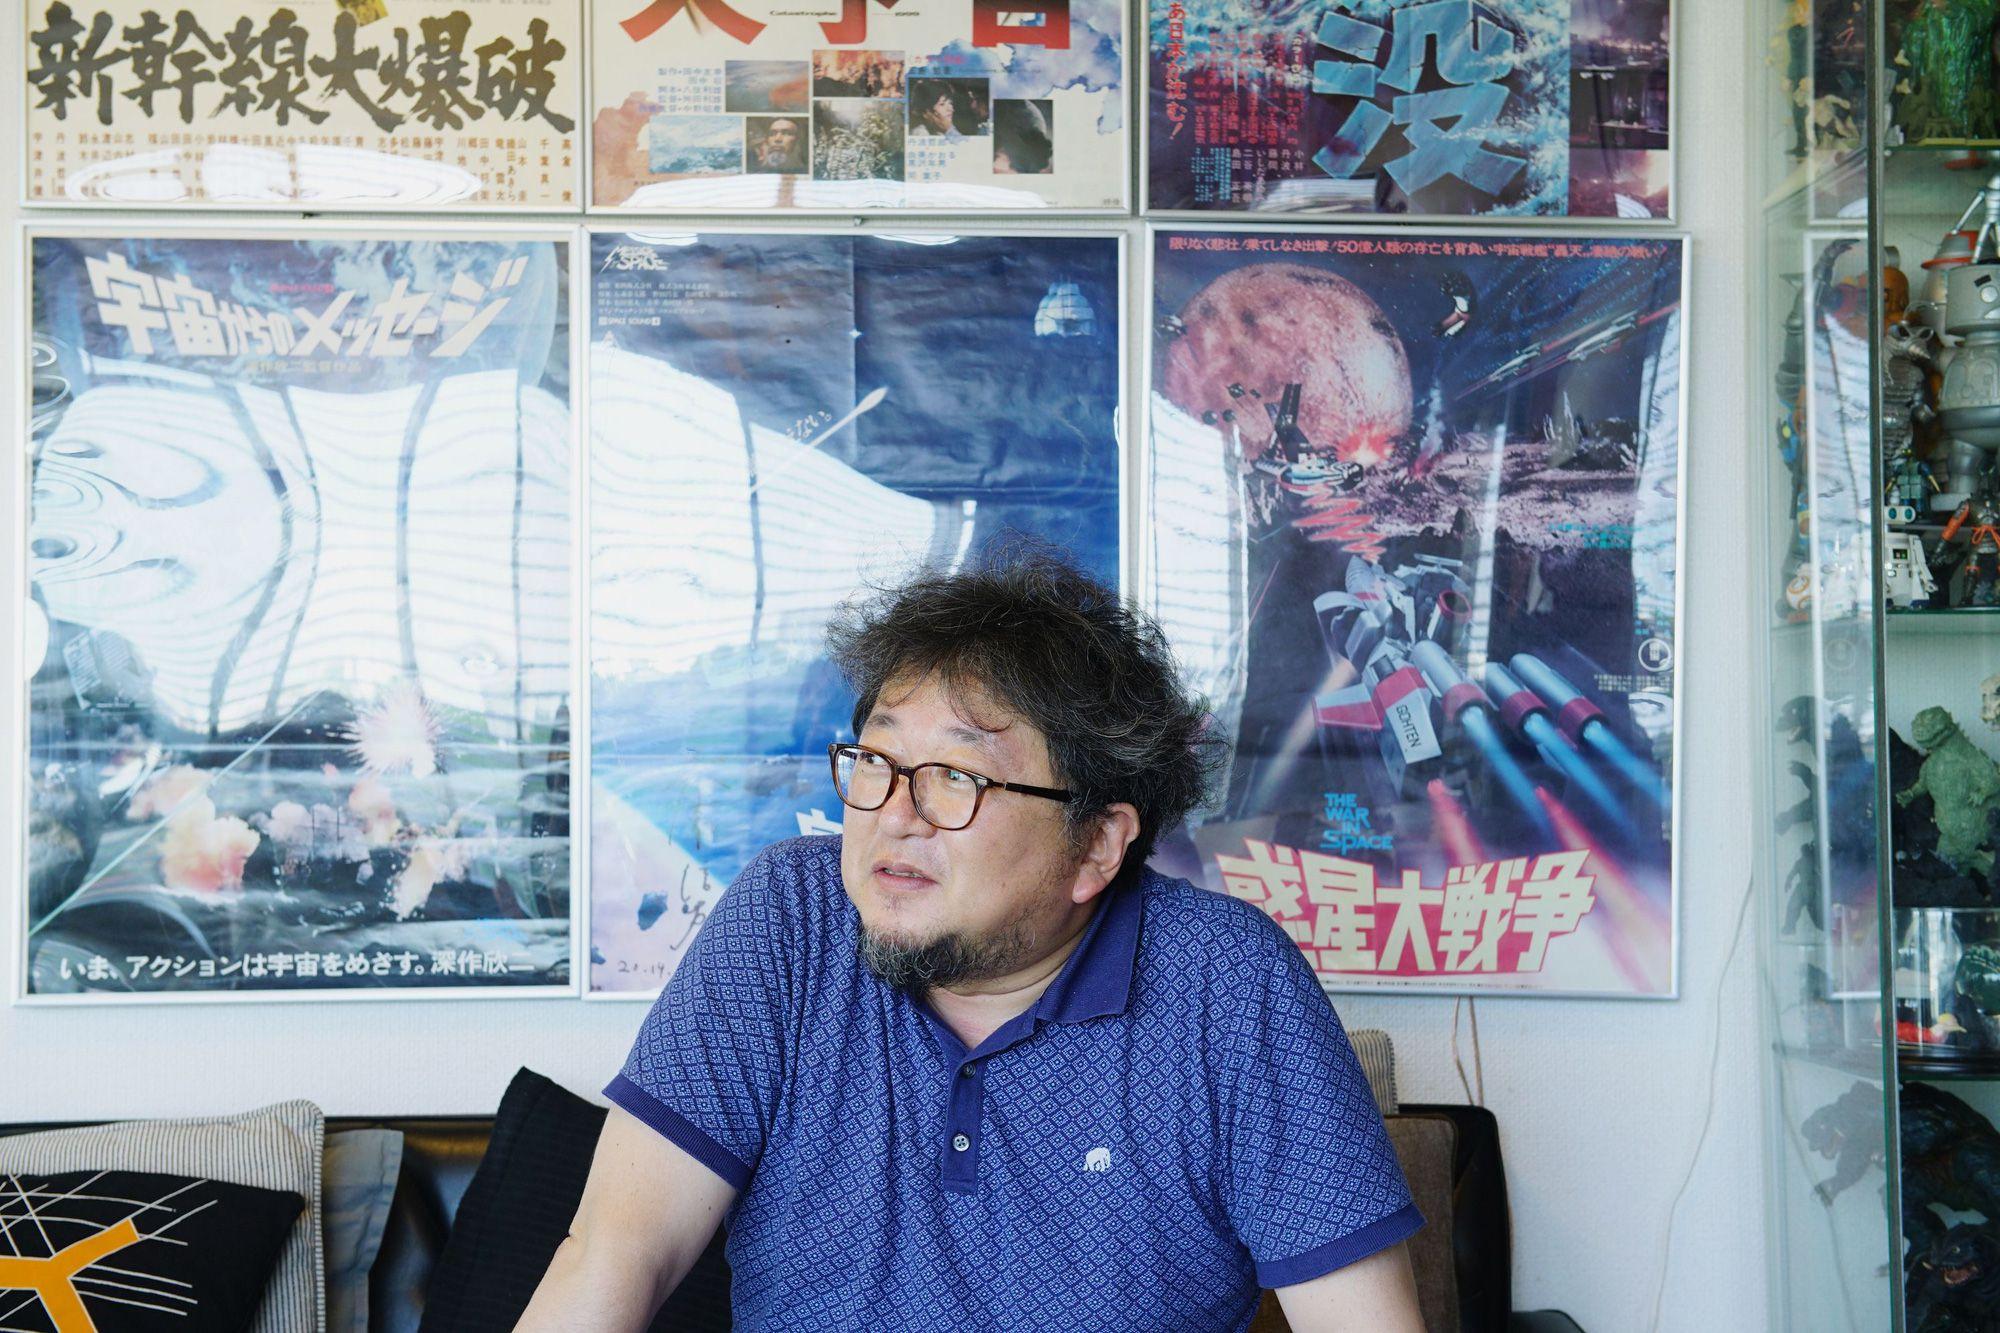 The Creature Issue Interview With Shinji Higuchineoljp